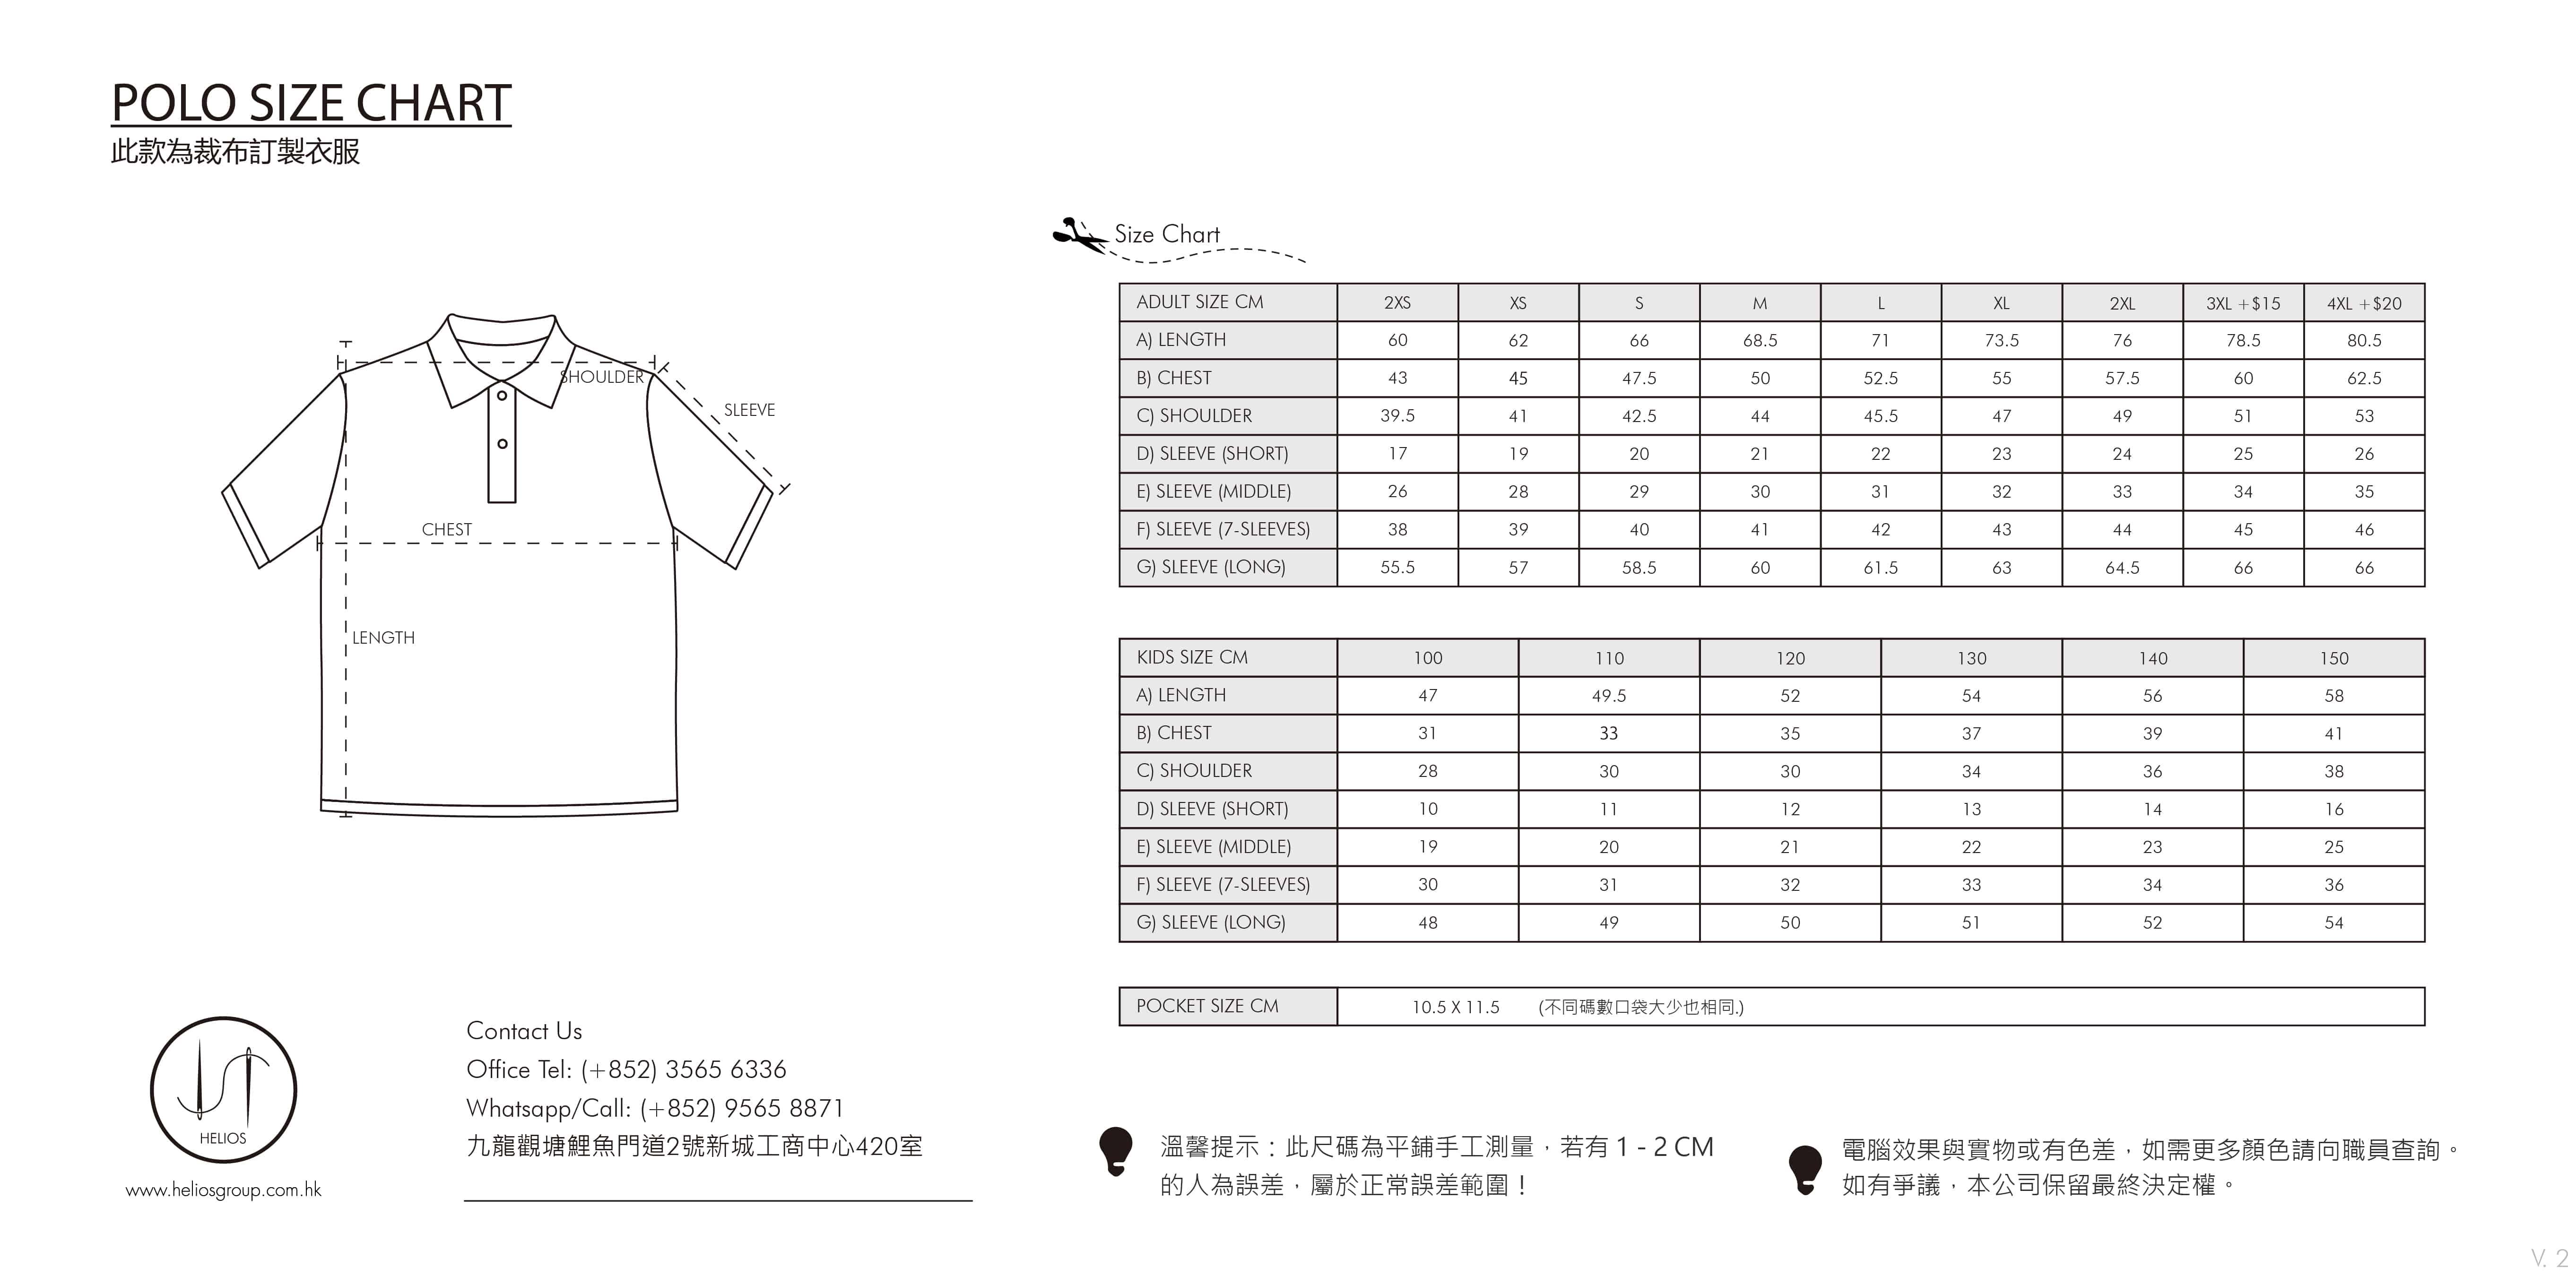 裁布製 Polo 尺碼表